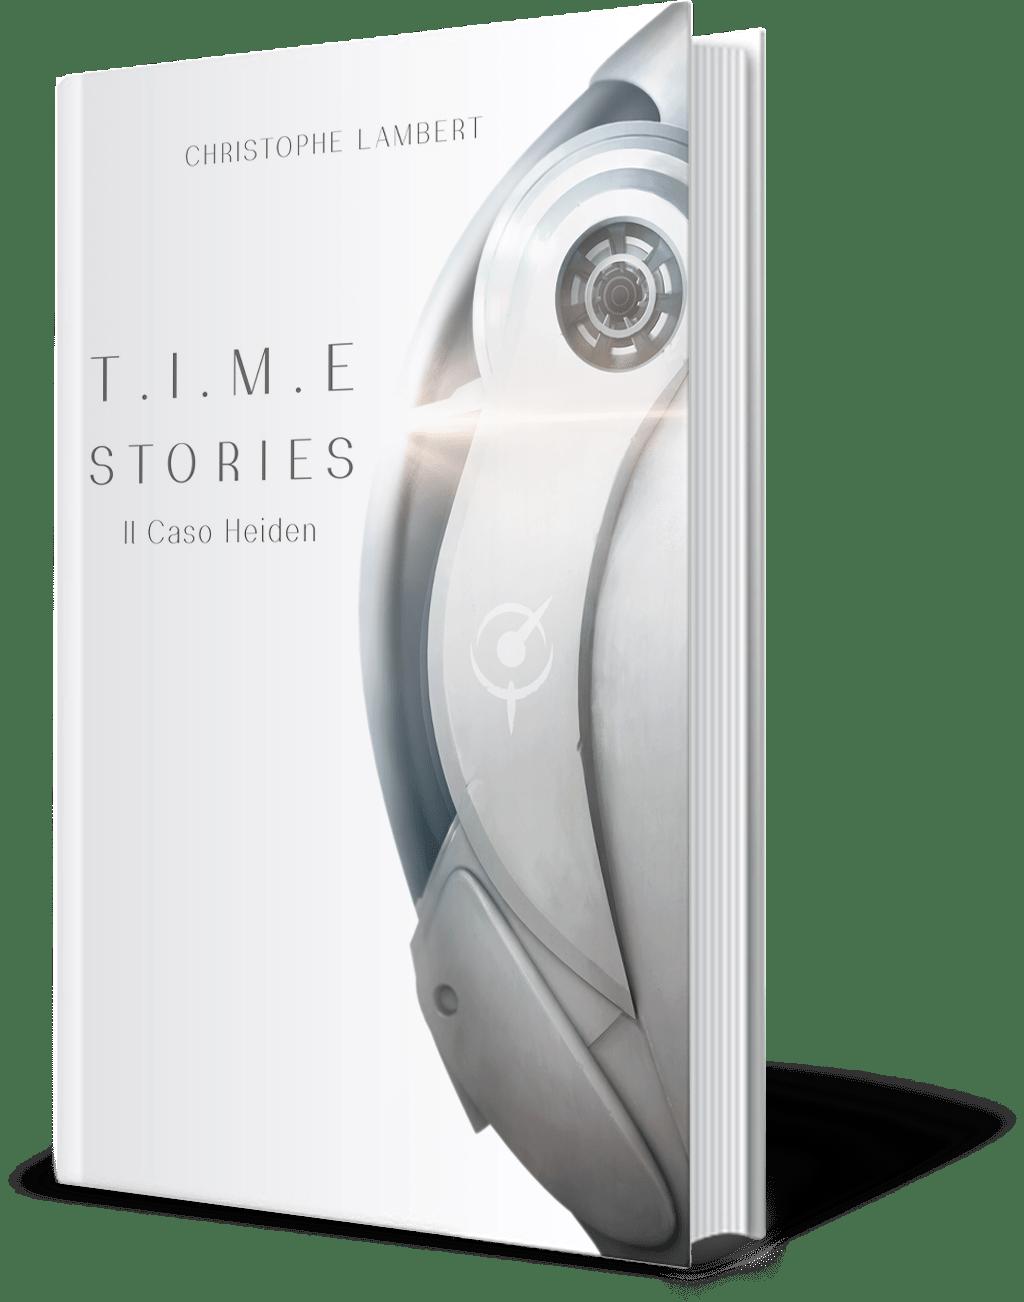 Il caso Heiden libro trasp